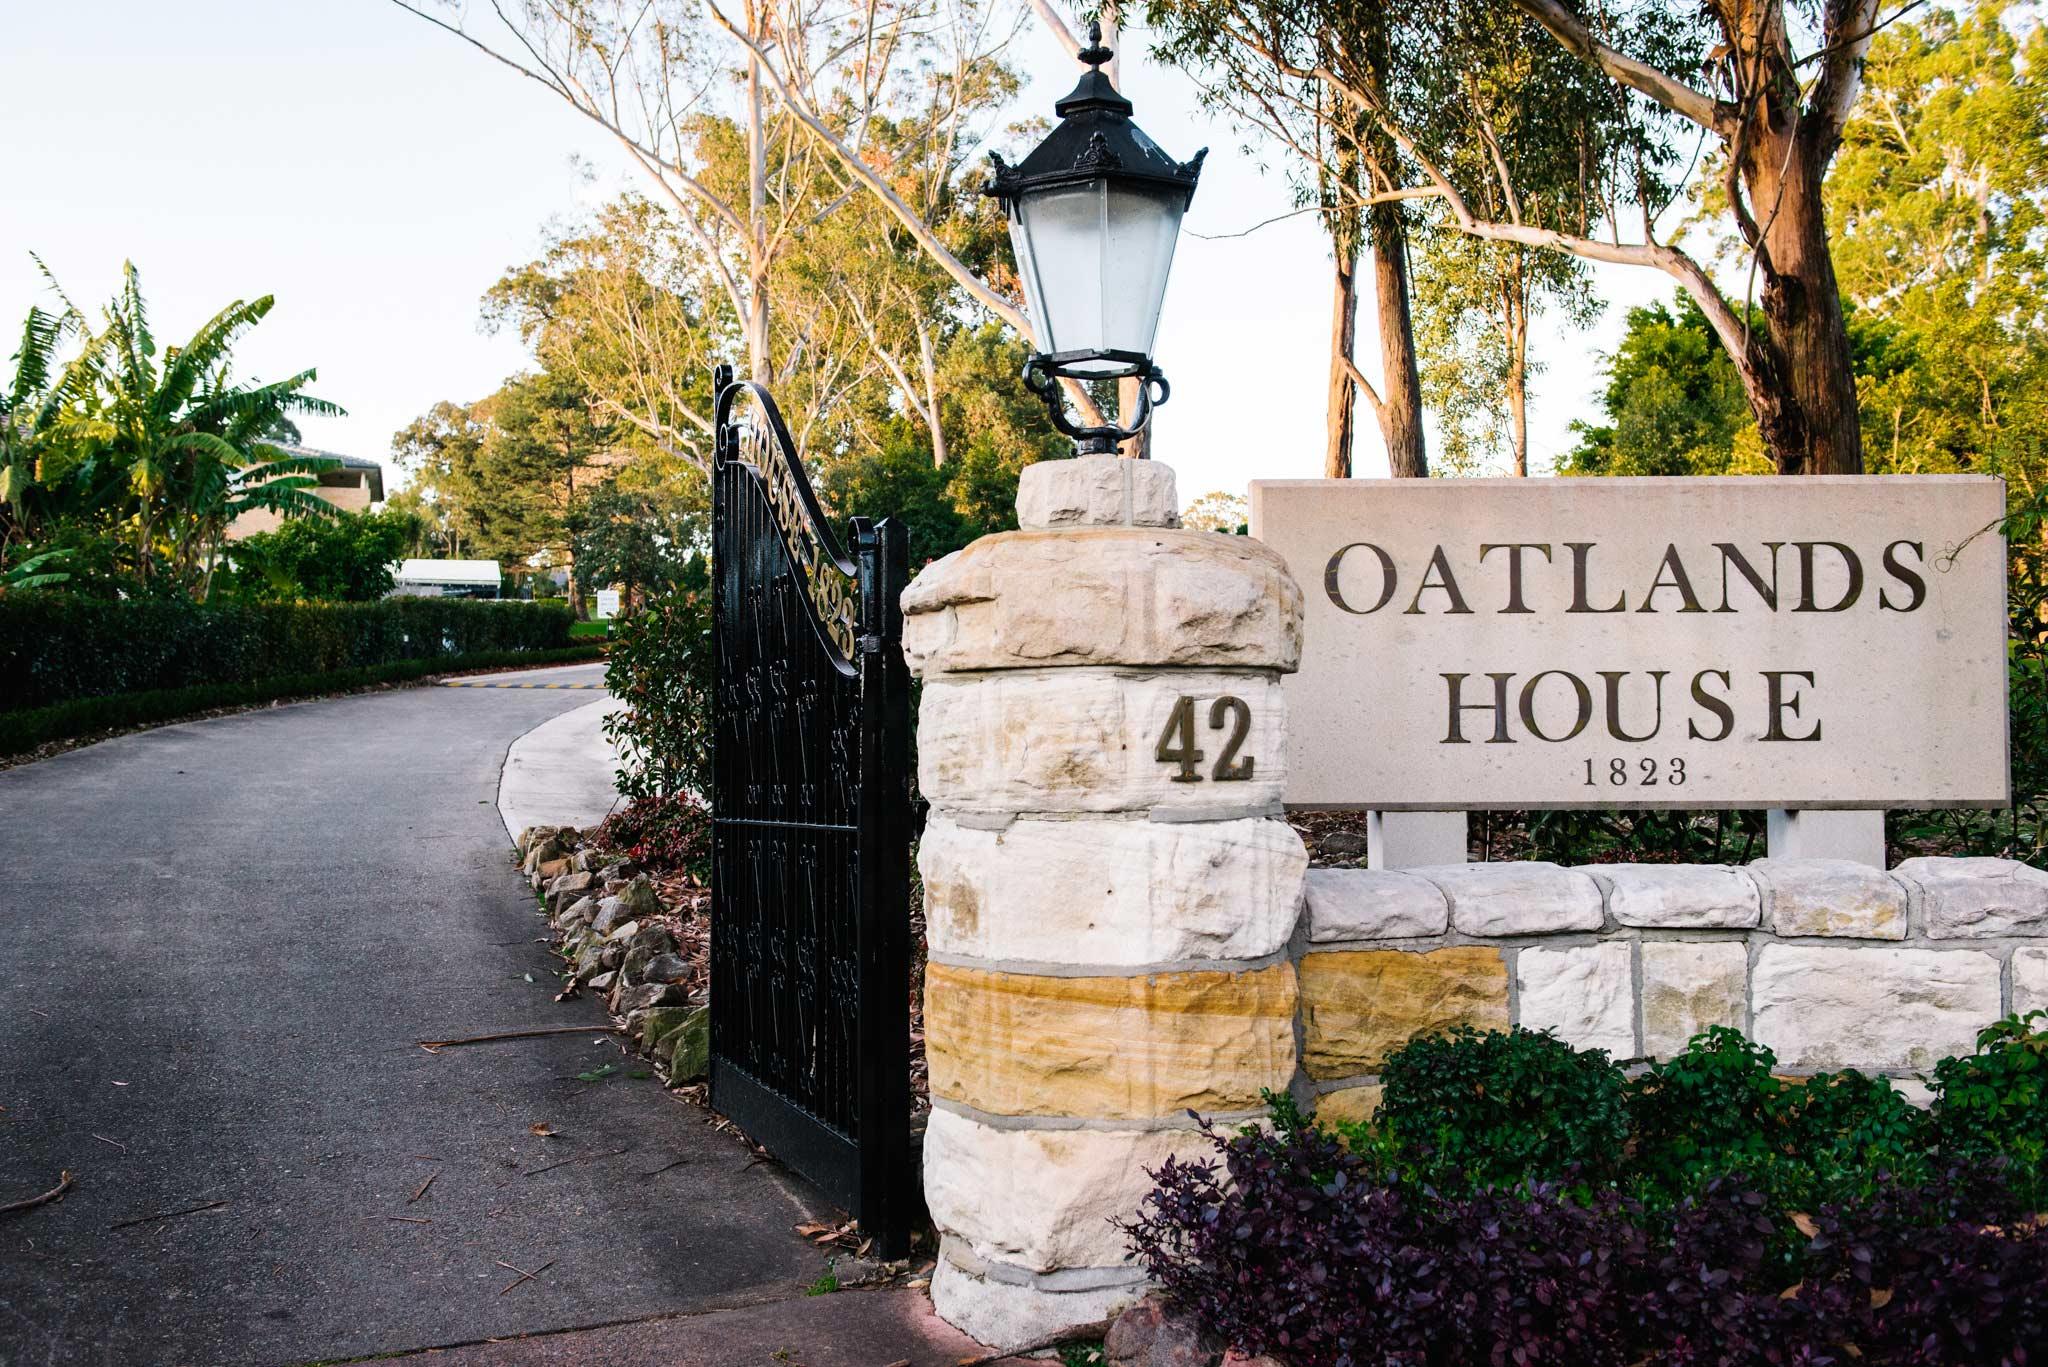 Entrance to Oatlands House christening venue